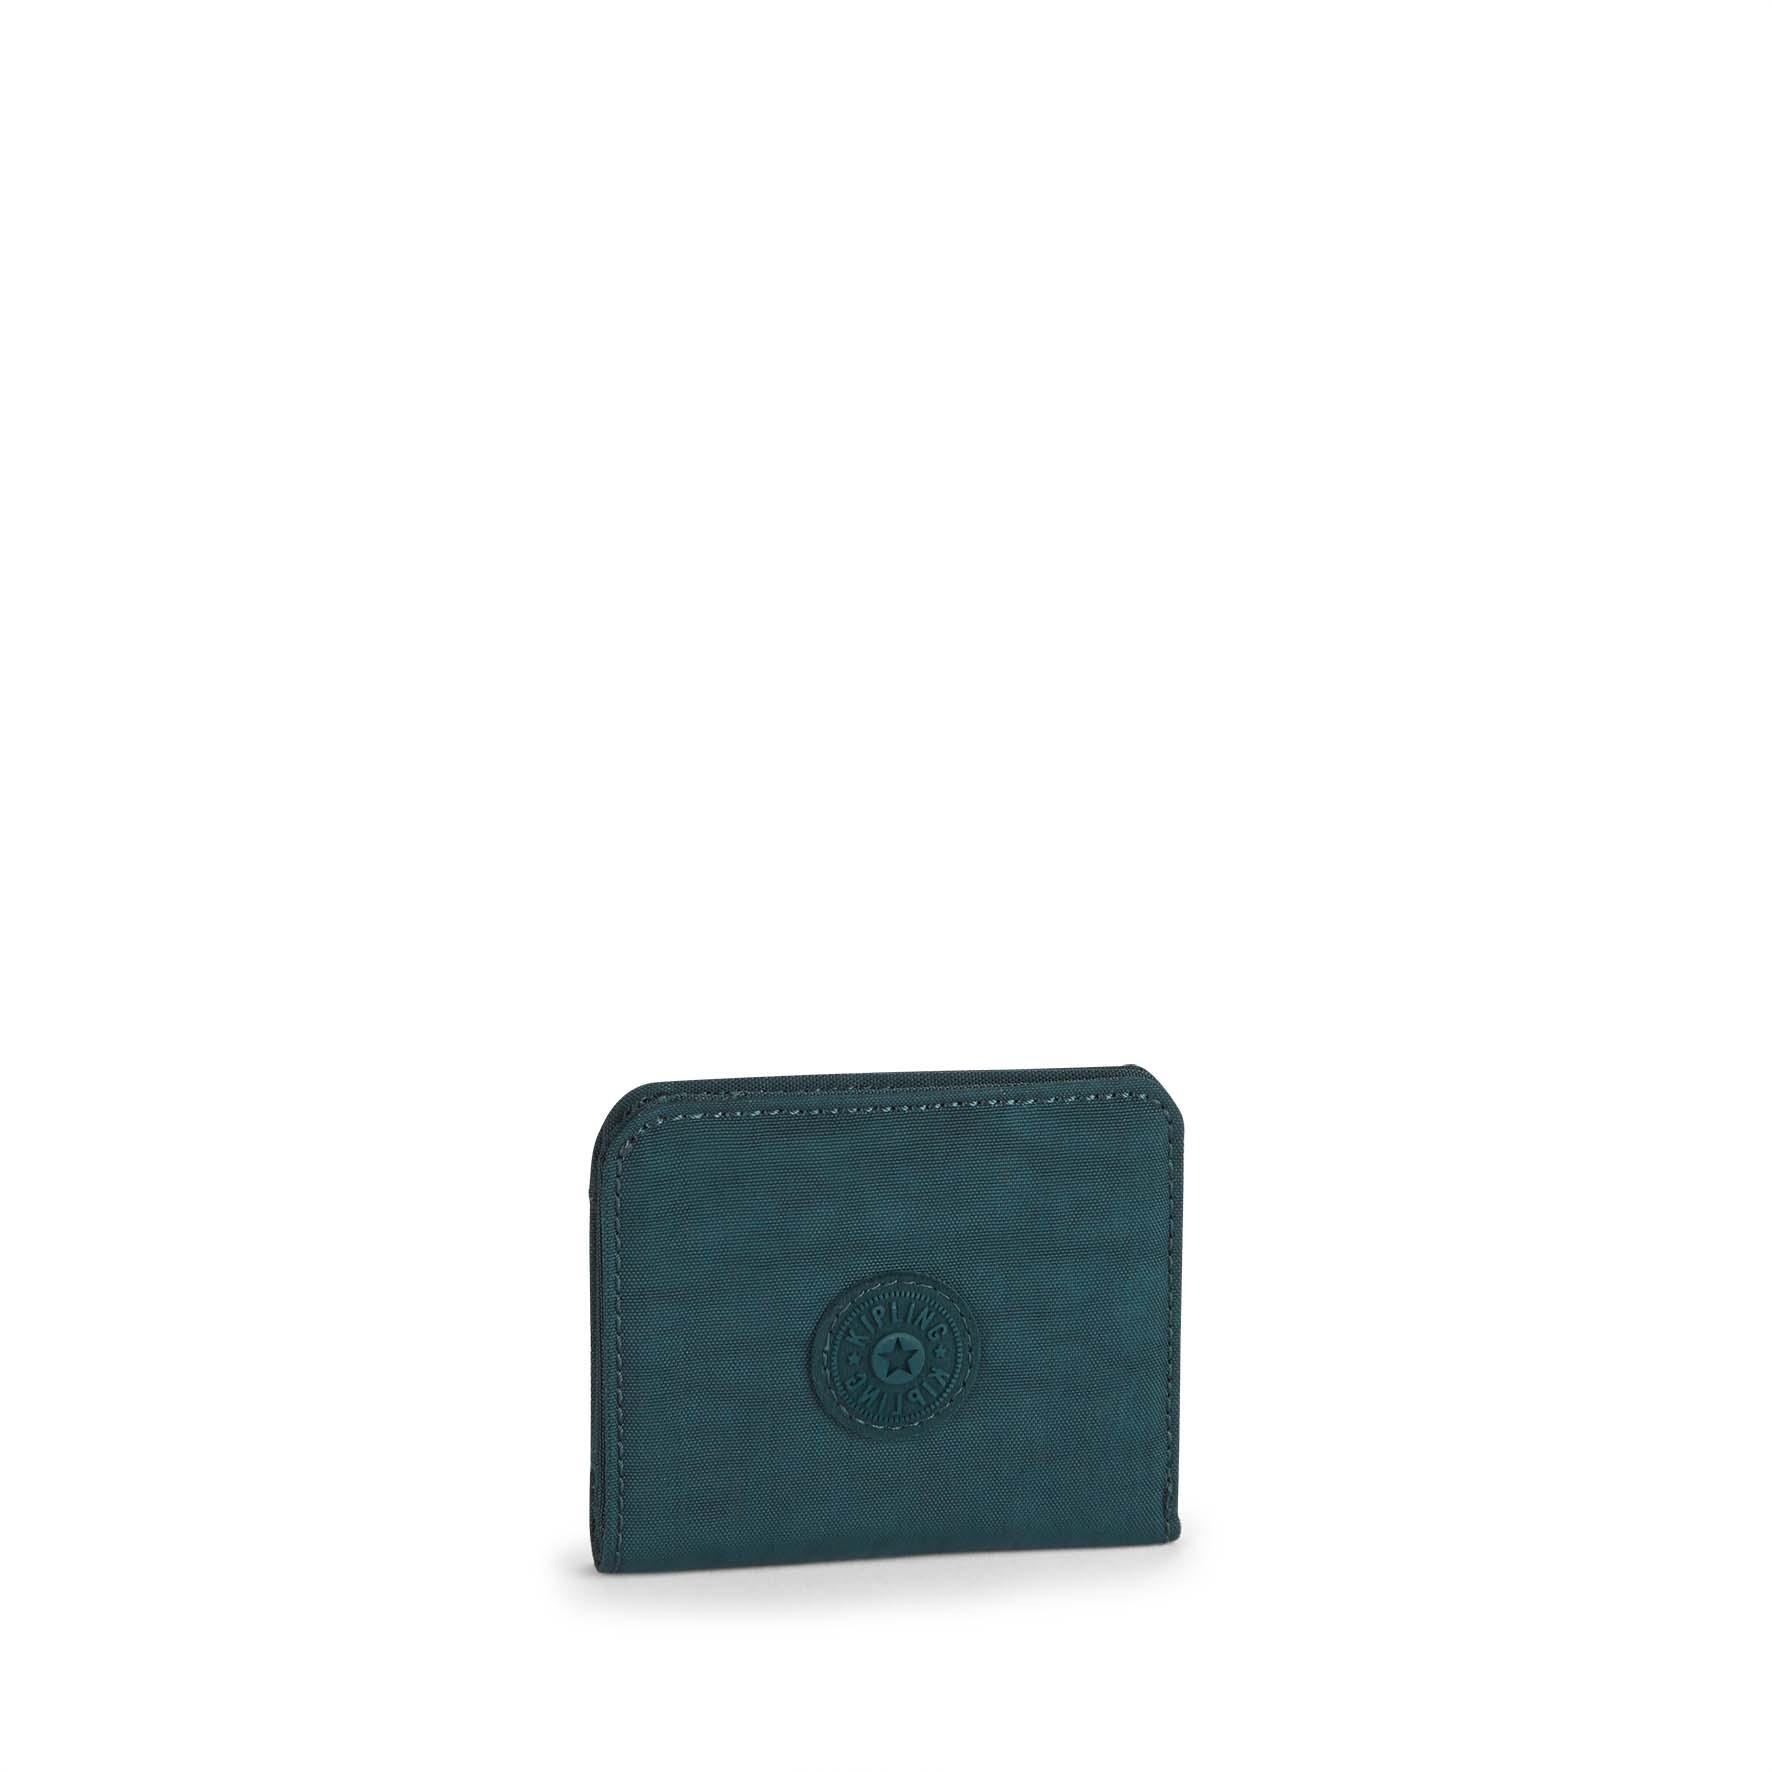 ארנק קטן Florencia - Deep Emerald Cאמרלד כהה